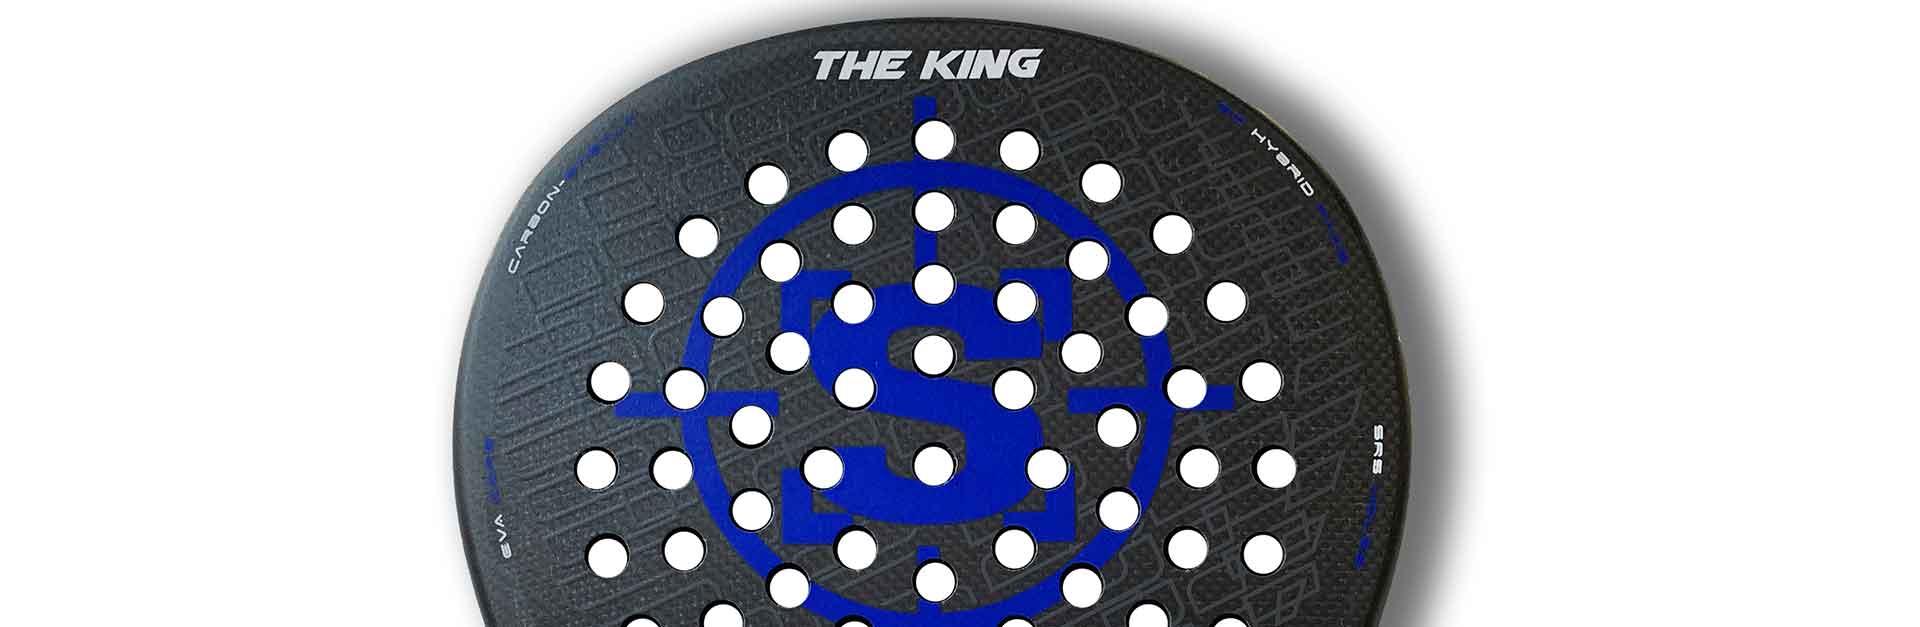 La nueva pala de pádel SHOOTER PADEL THE KING 2.0